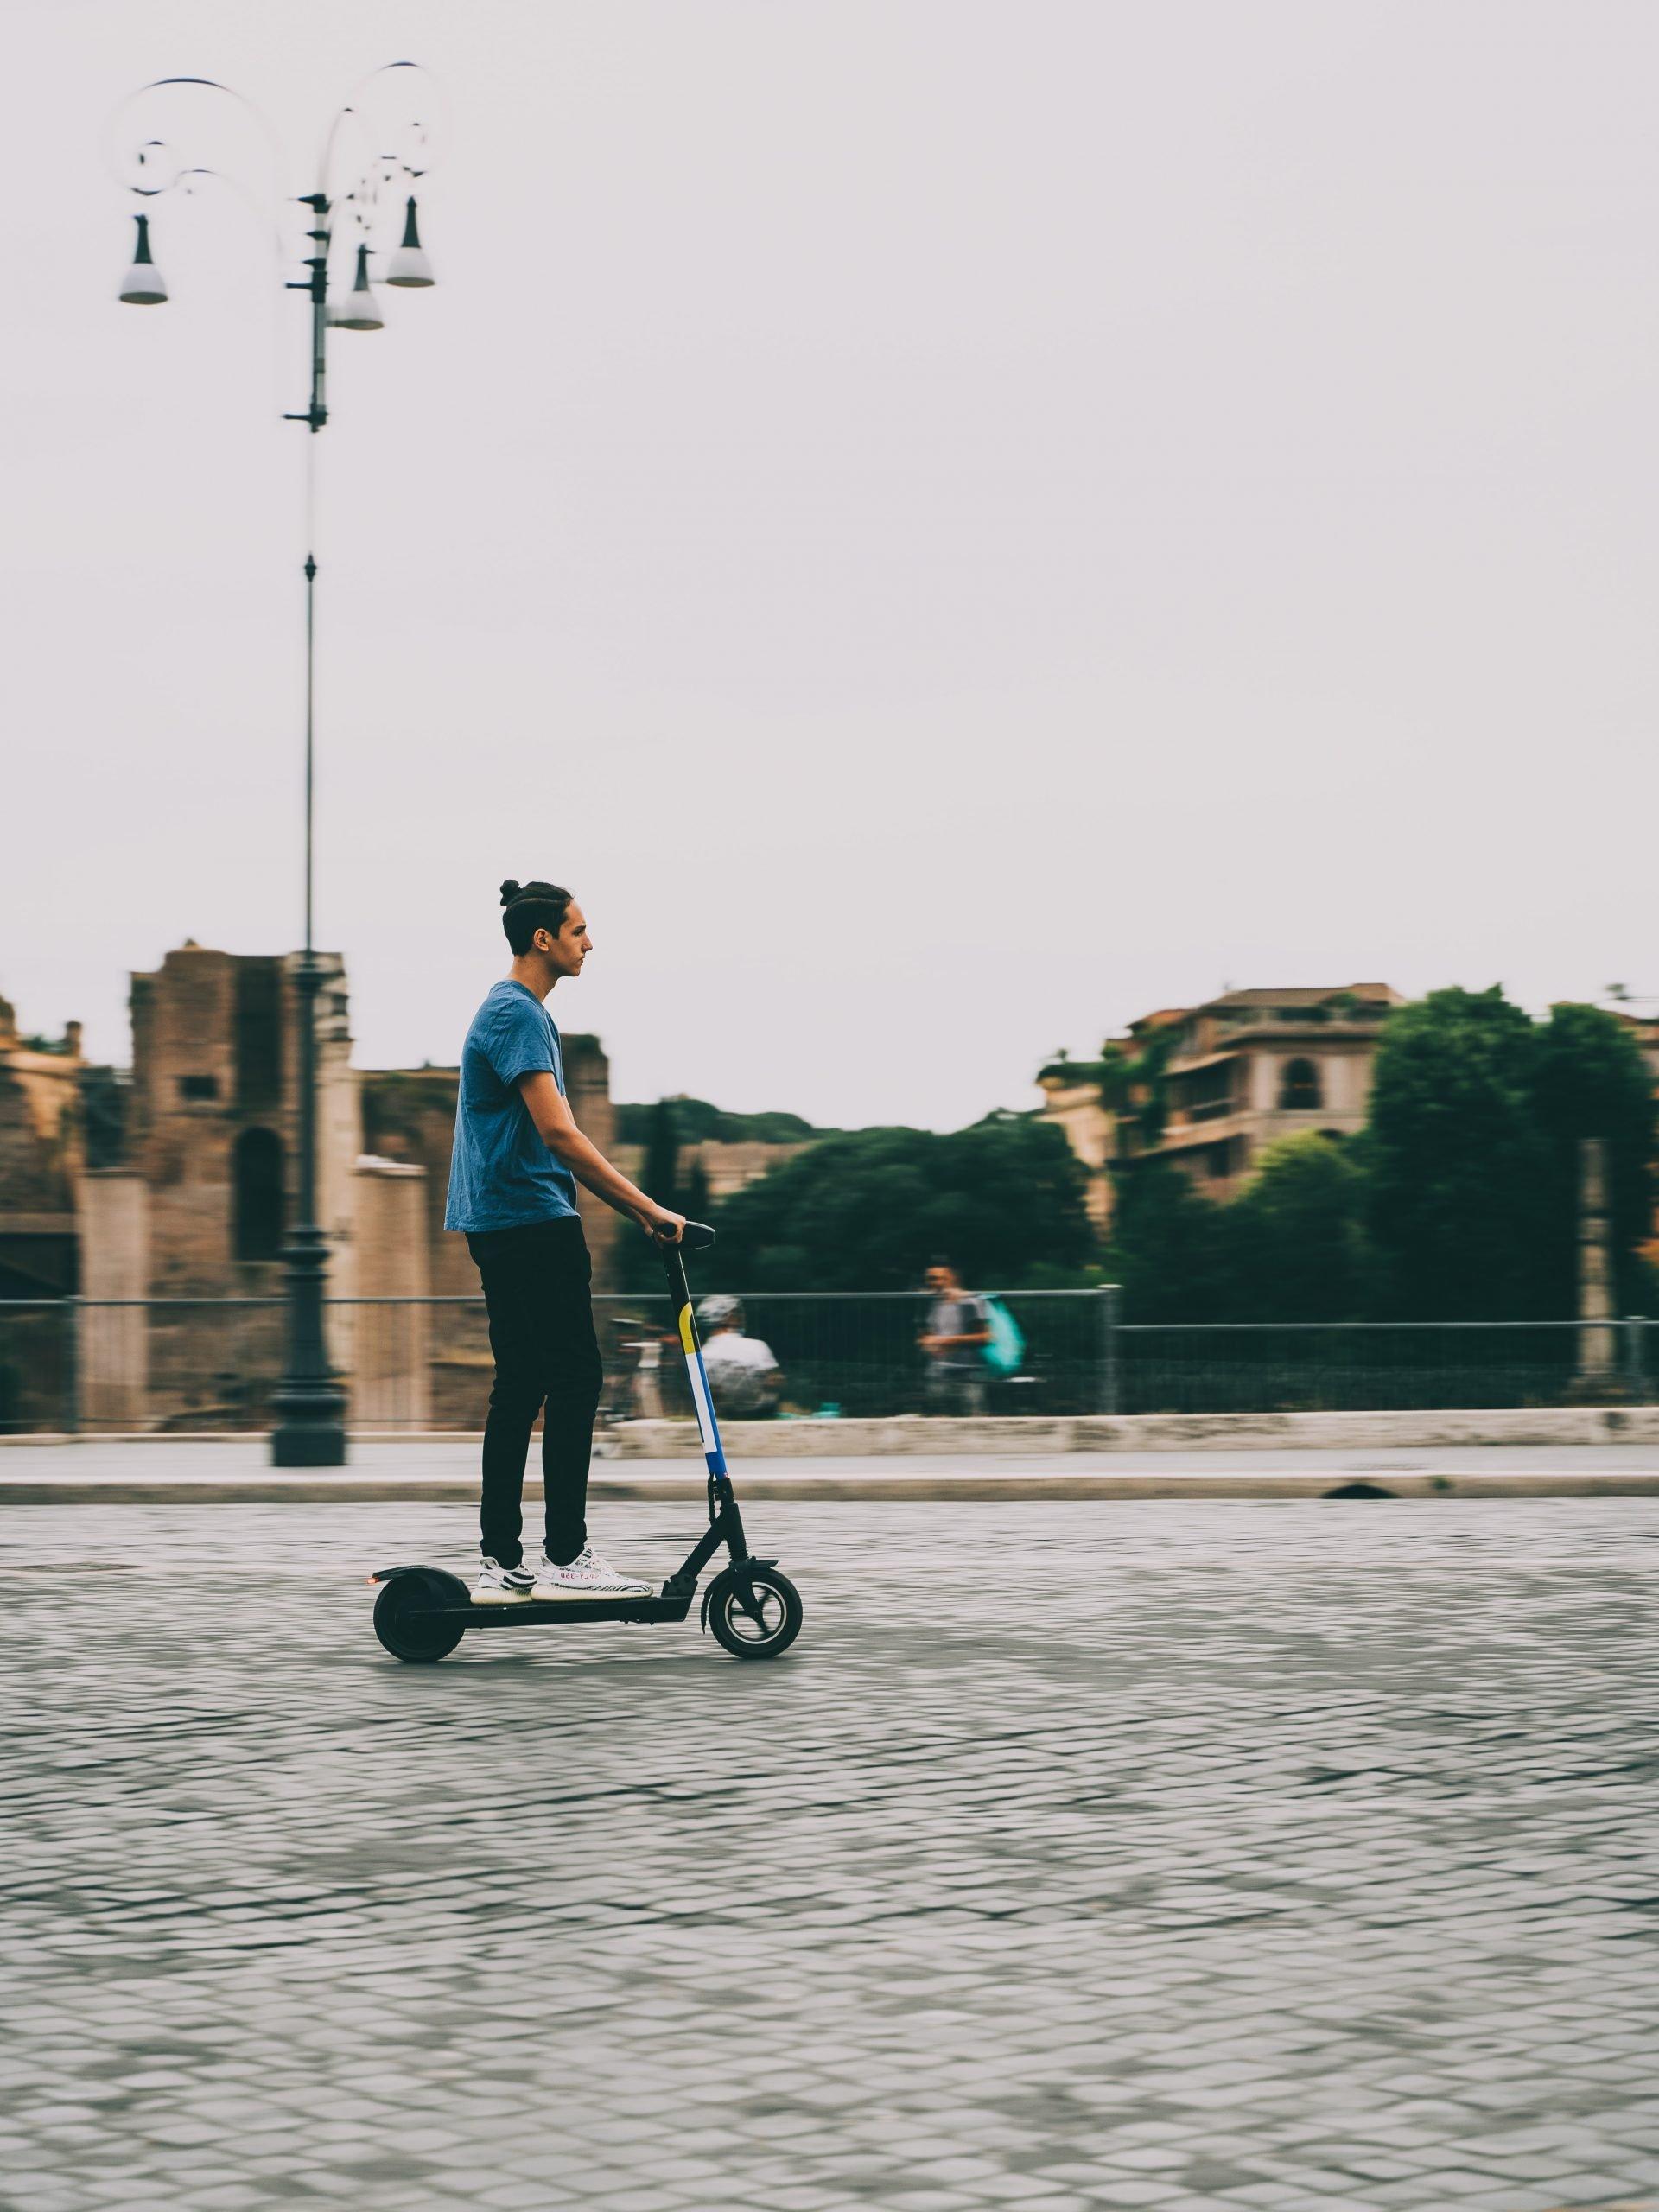 limite di velocità massimo monopattini elettrici in Italia 2021